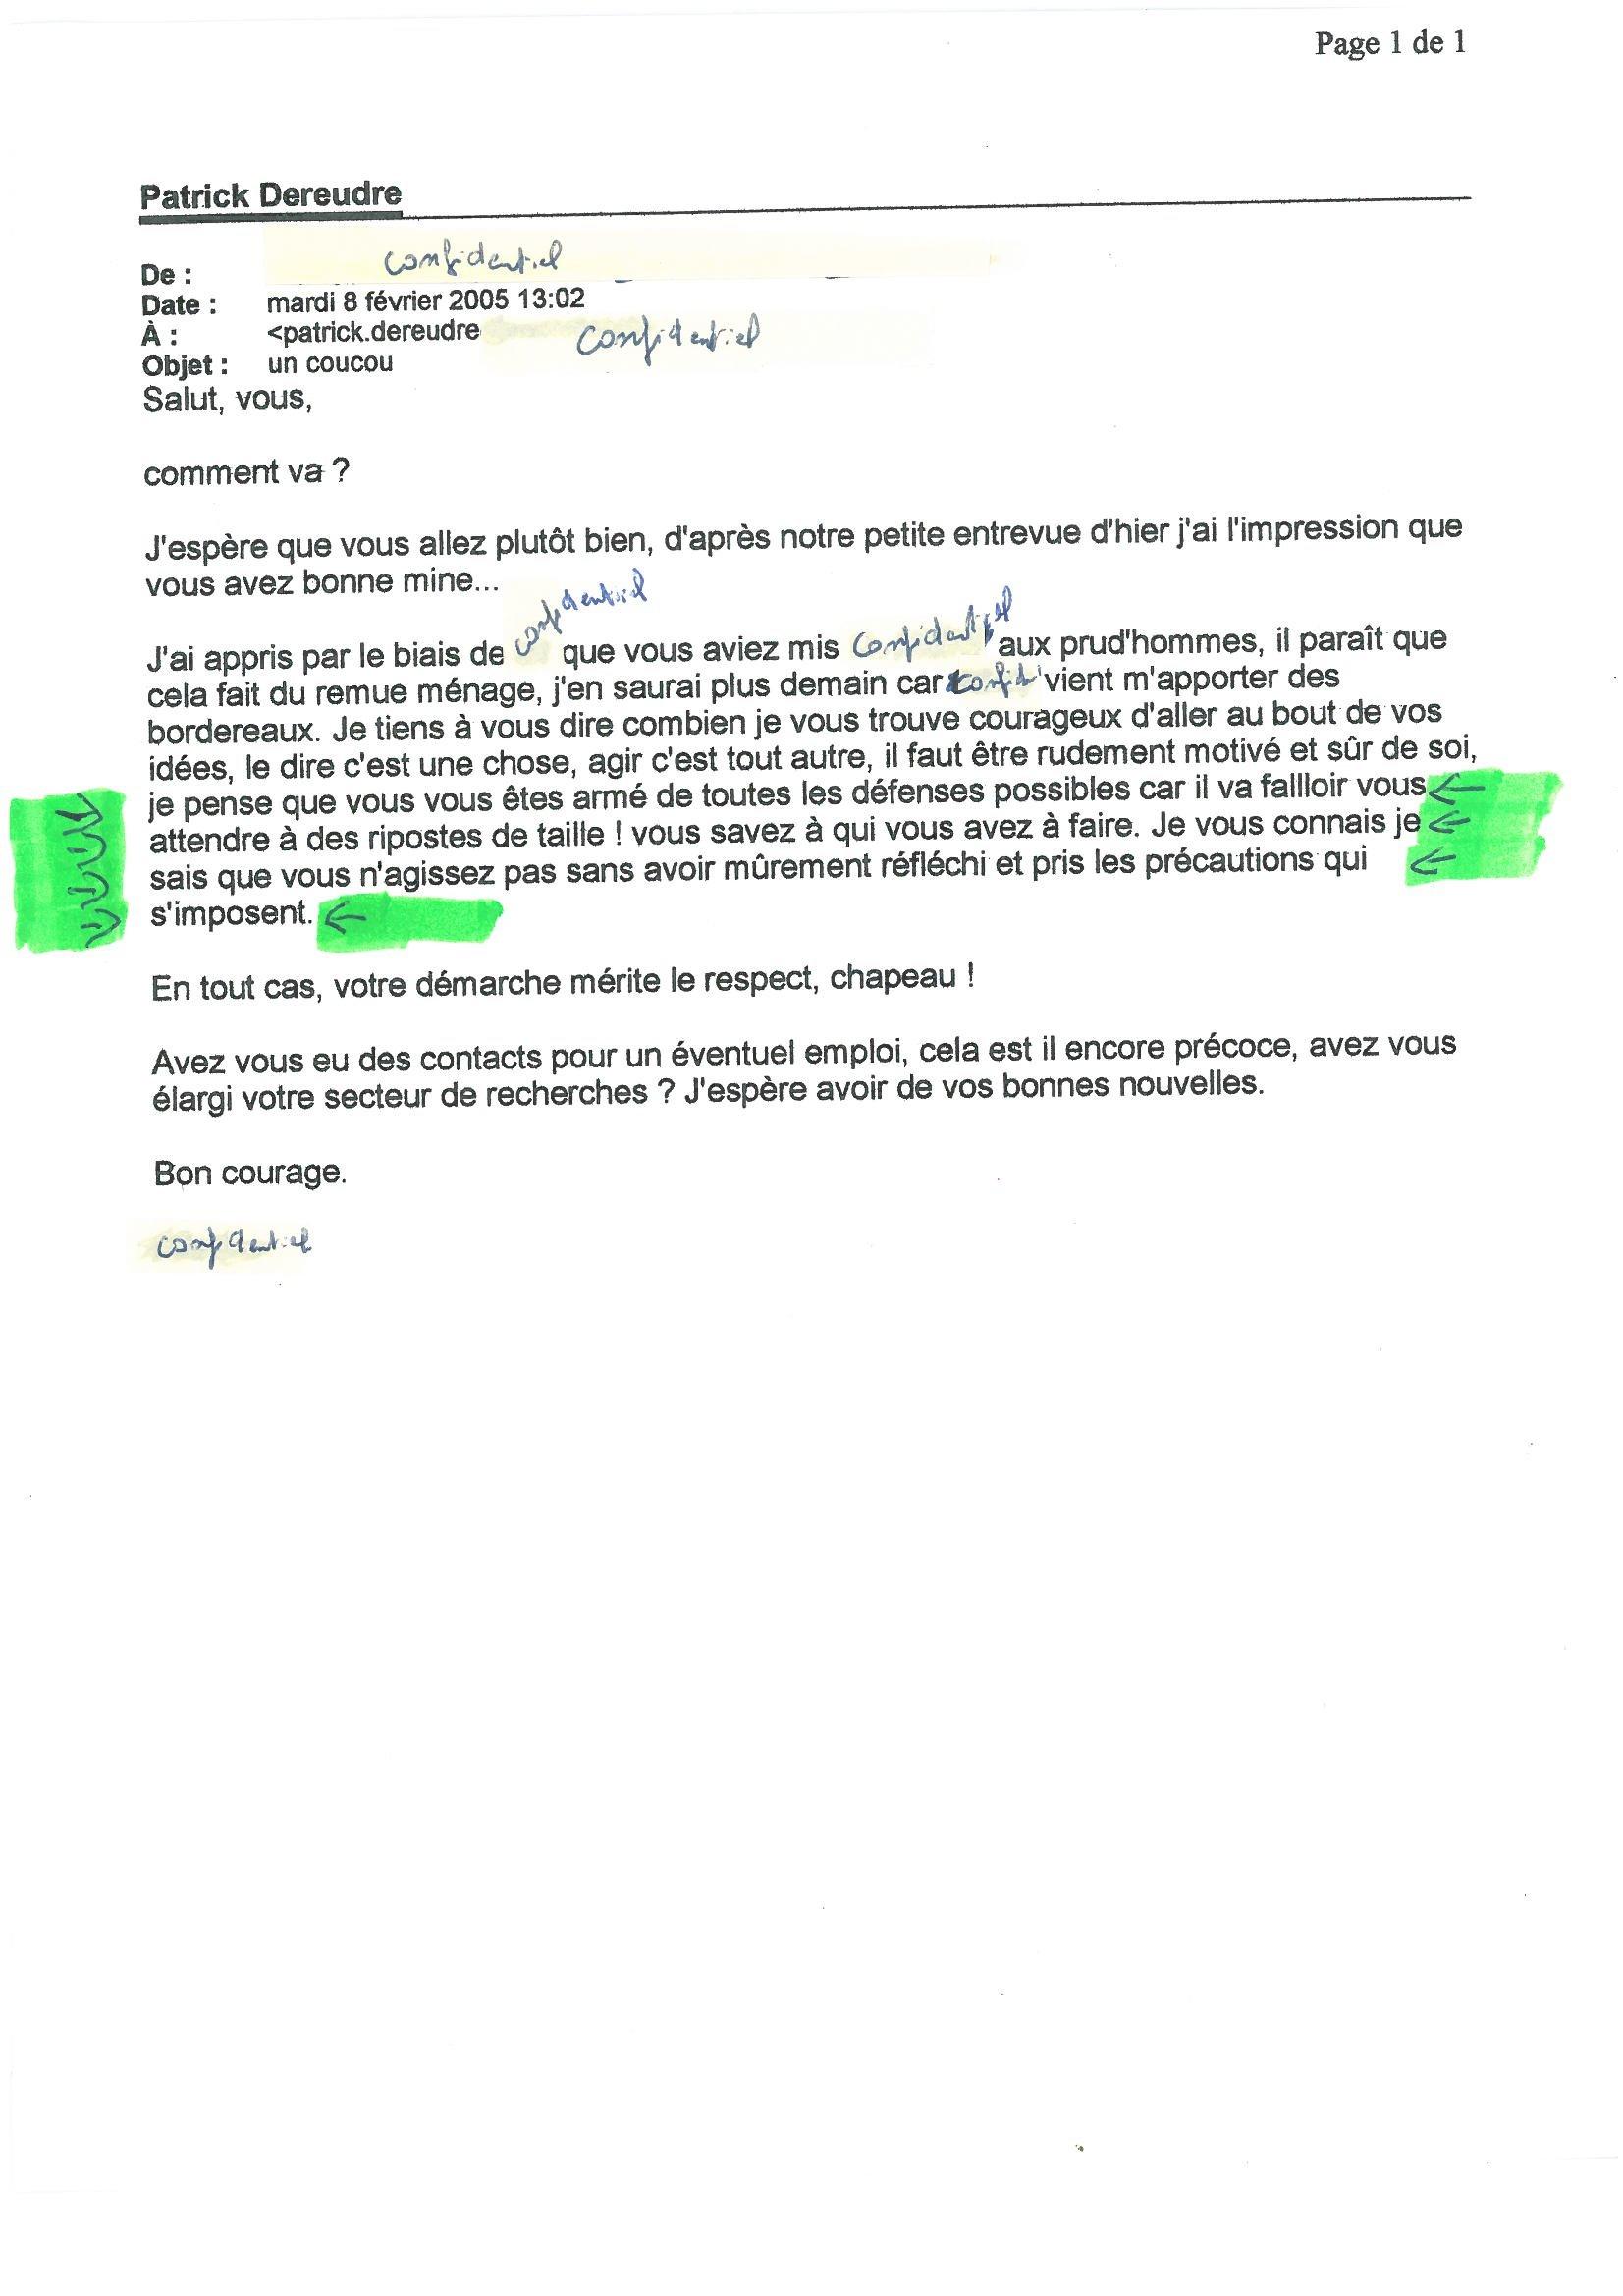 Mail du 08 février 2005 de ma Secrétaore de Direction de mon employeur